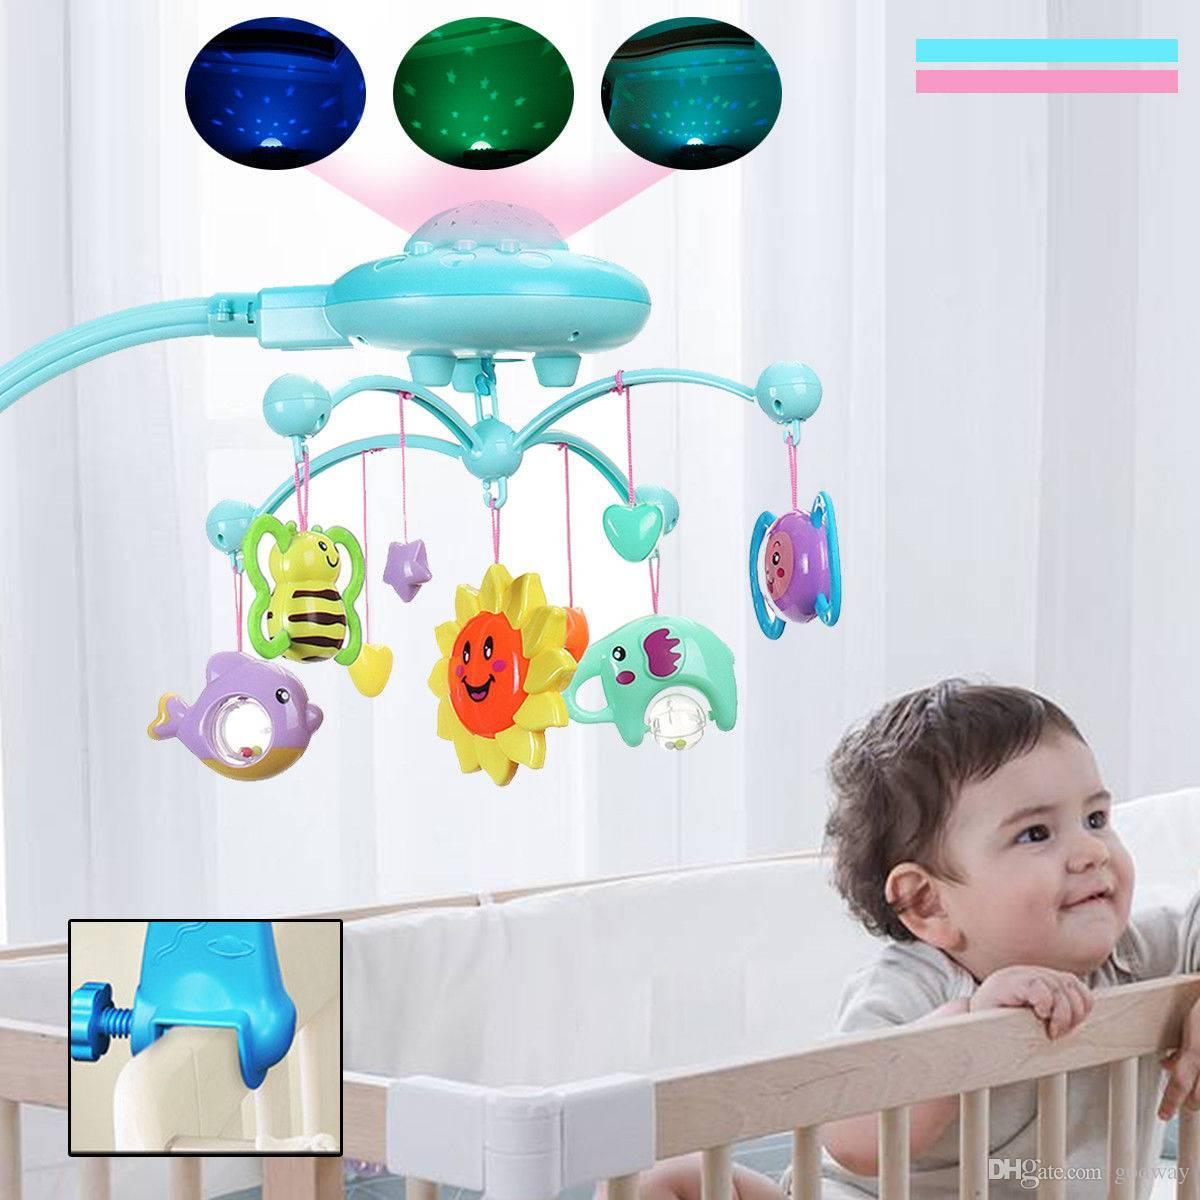 Grosshandel Babybett Mobile Musical Kinderbett Krippe Rotary Spieluhr